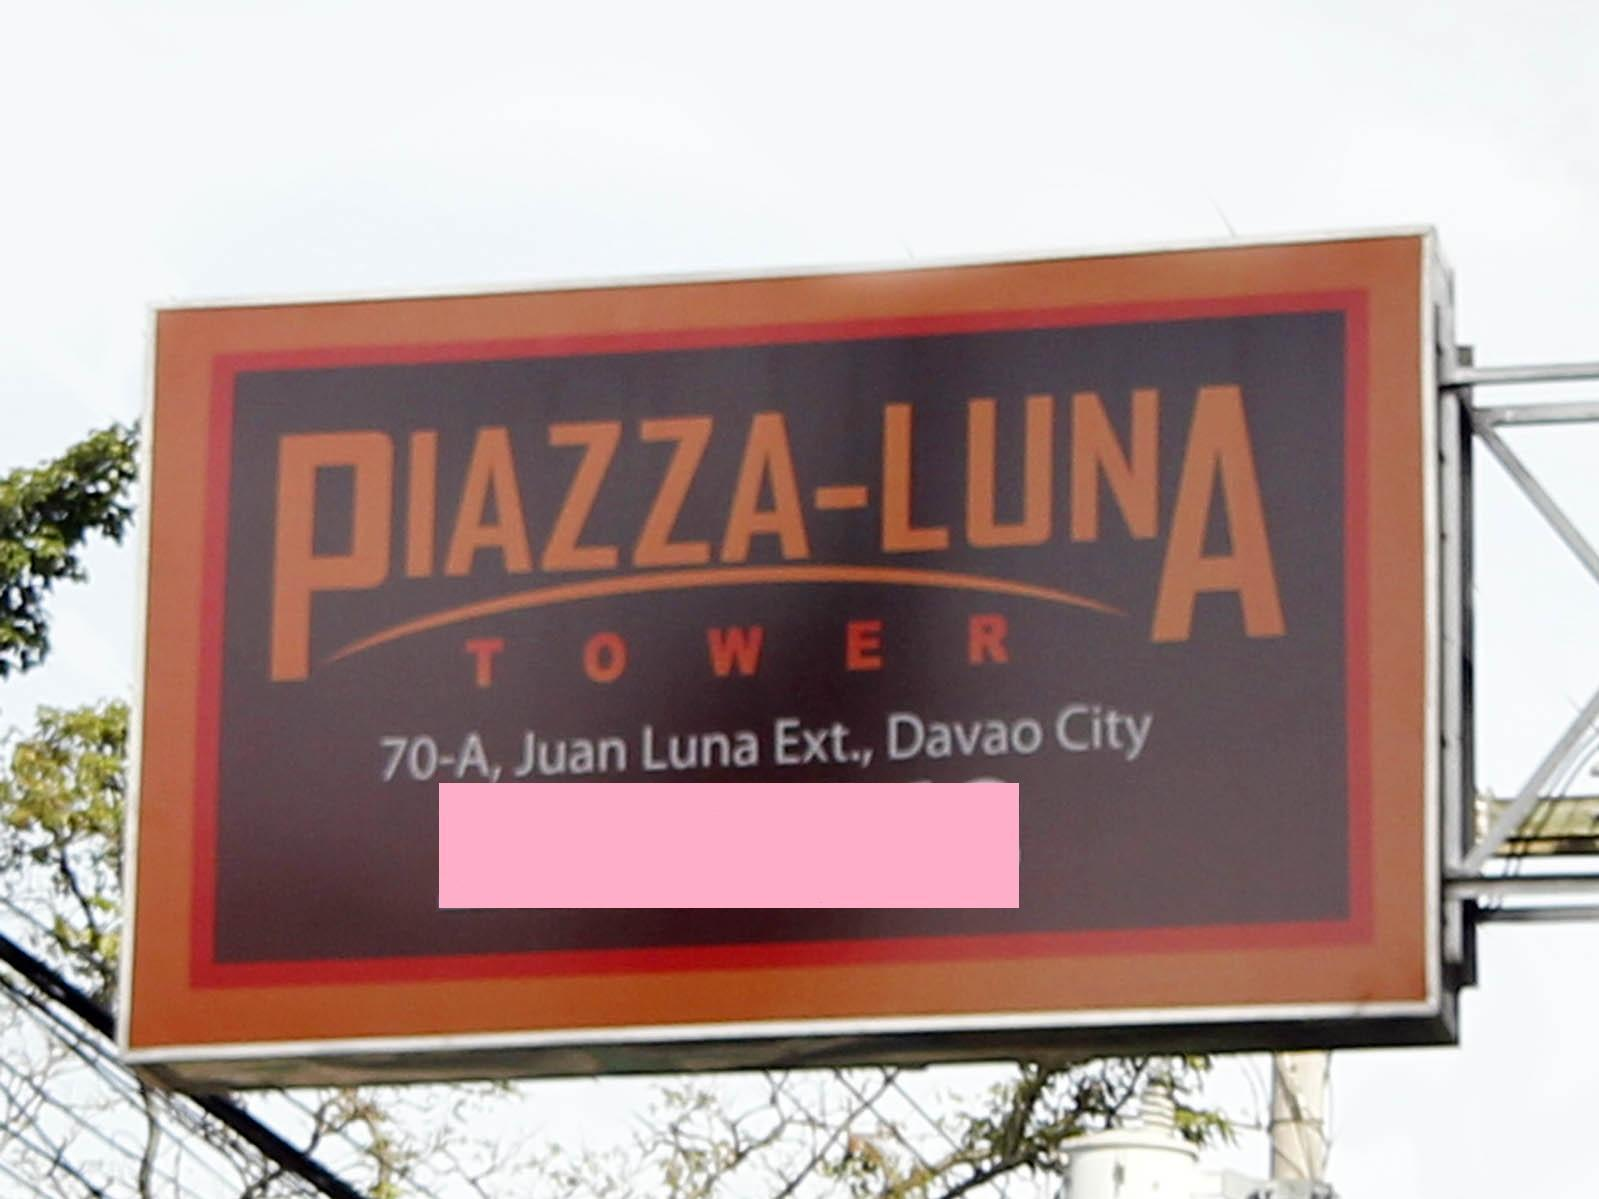 ピアッザ ルナ タワー     7